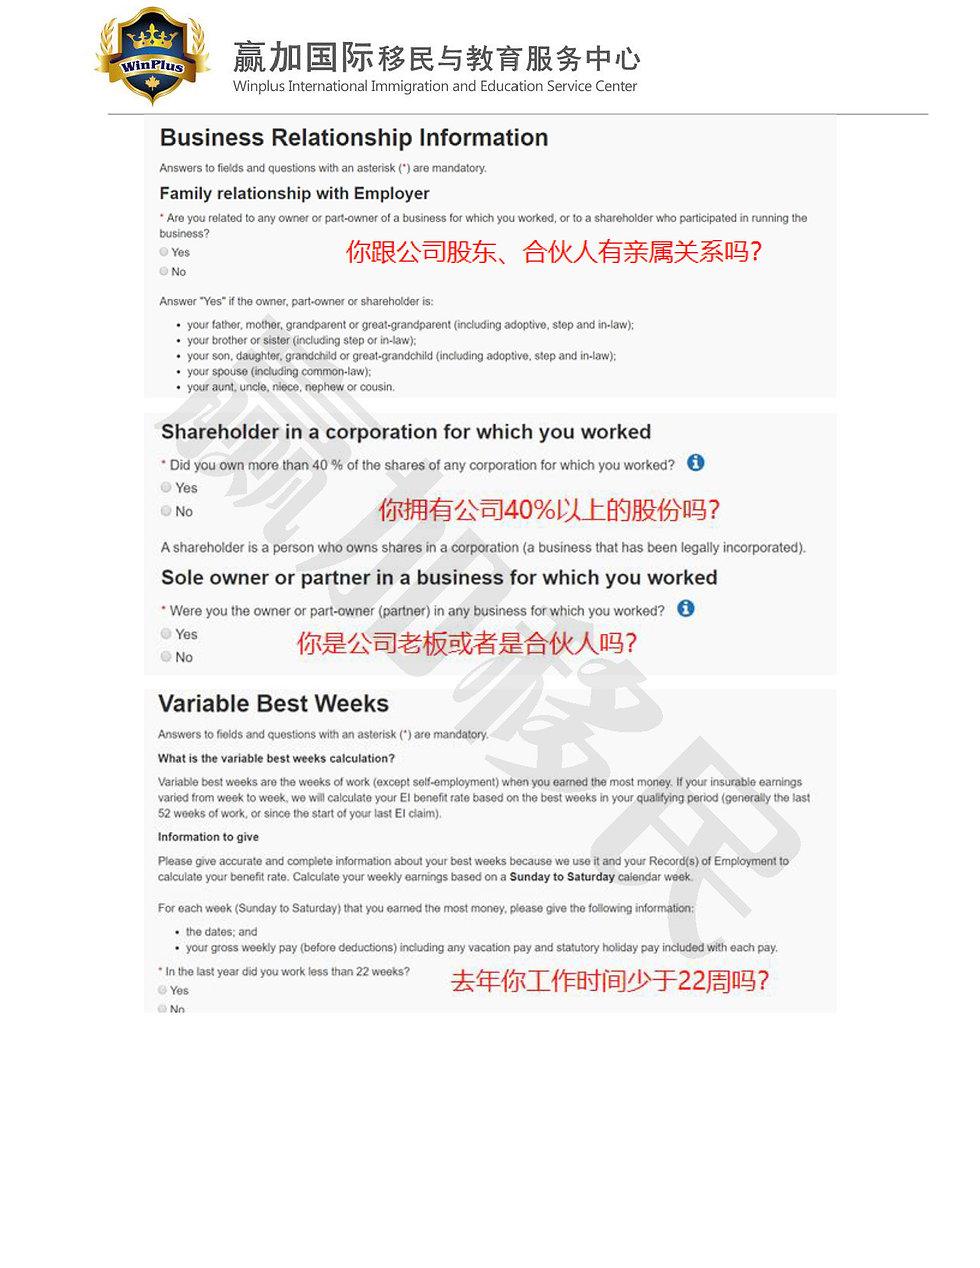 EI申请流程_Page_09.jpg